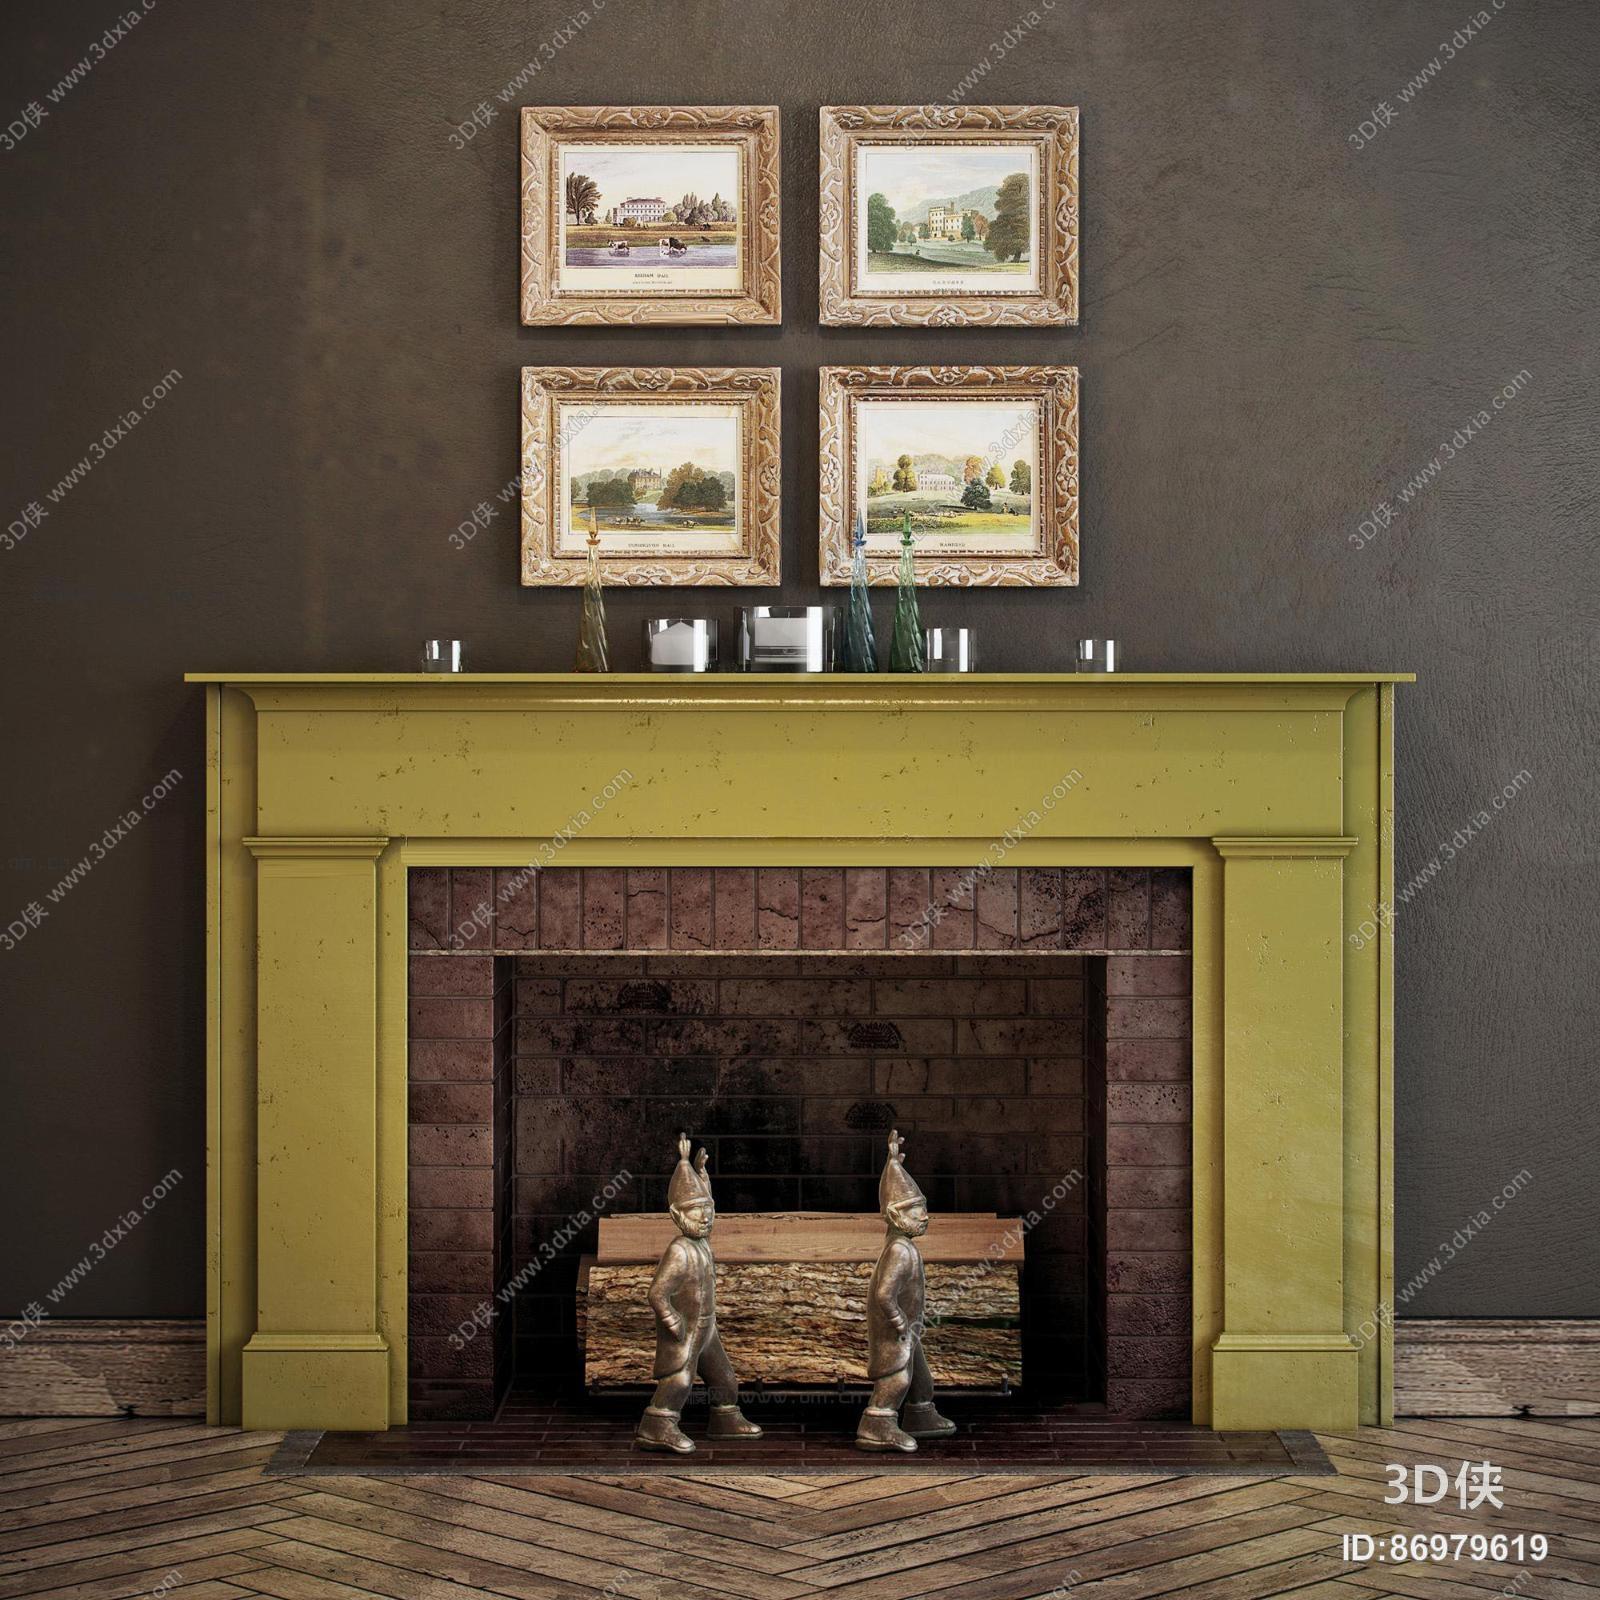 效果图素材免费下载,本作品主题是北欧壁炉装饰画饰品摆件组合3d模型